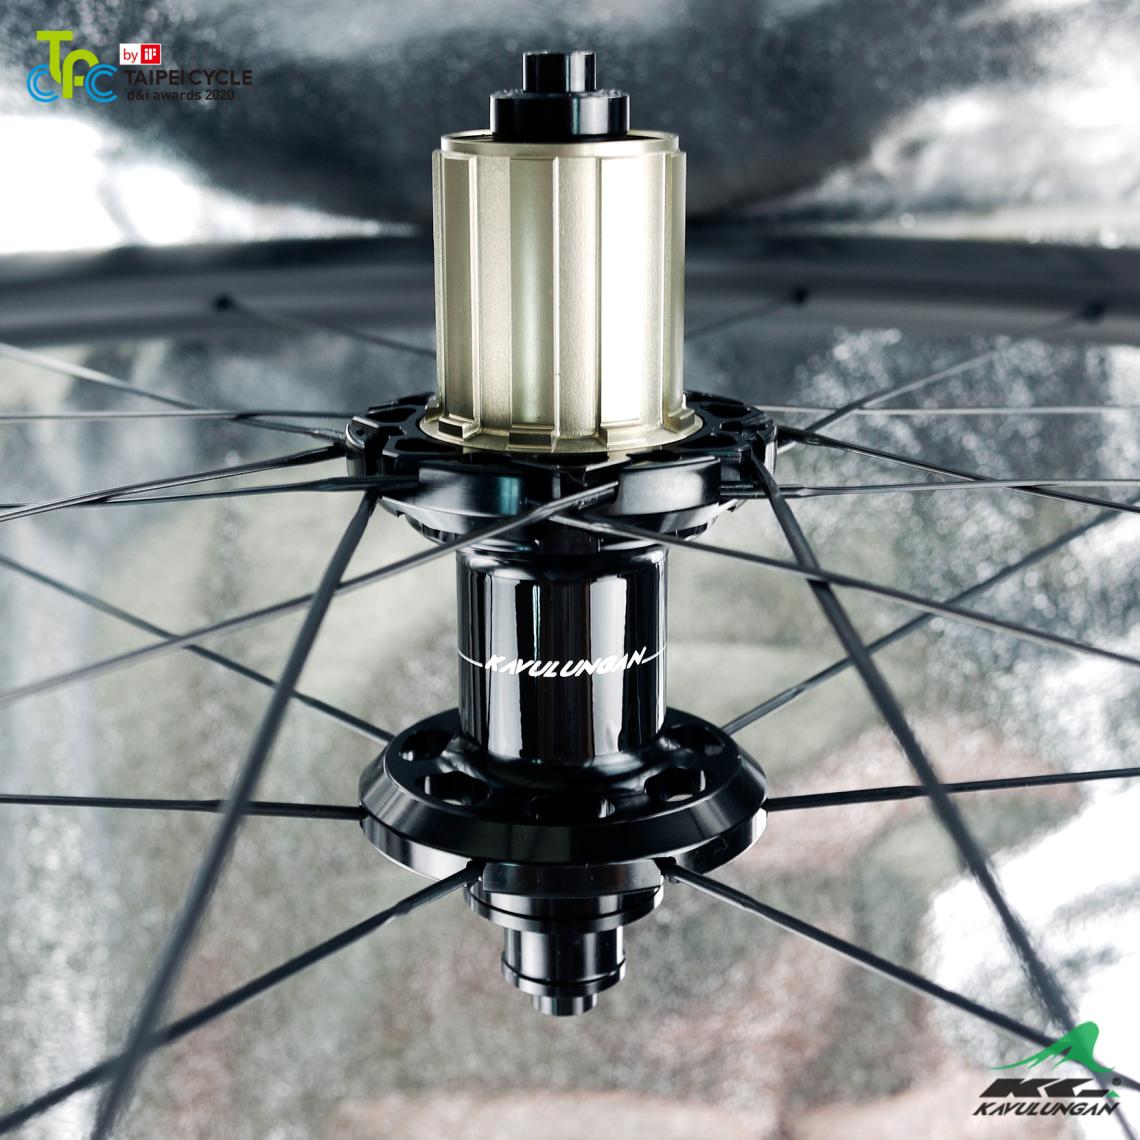 KAVULUNGAN 於 Taipei Cycle d&i award 2020 得獎產品 ADOU SHARP+ Tubeless